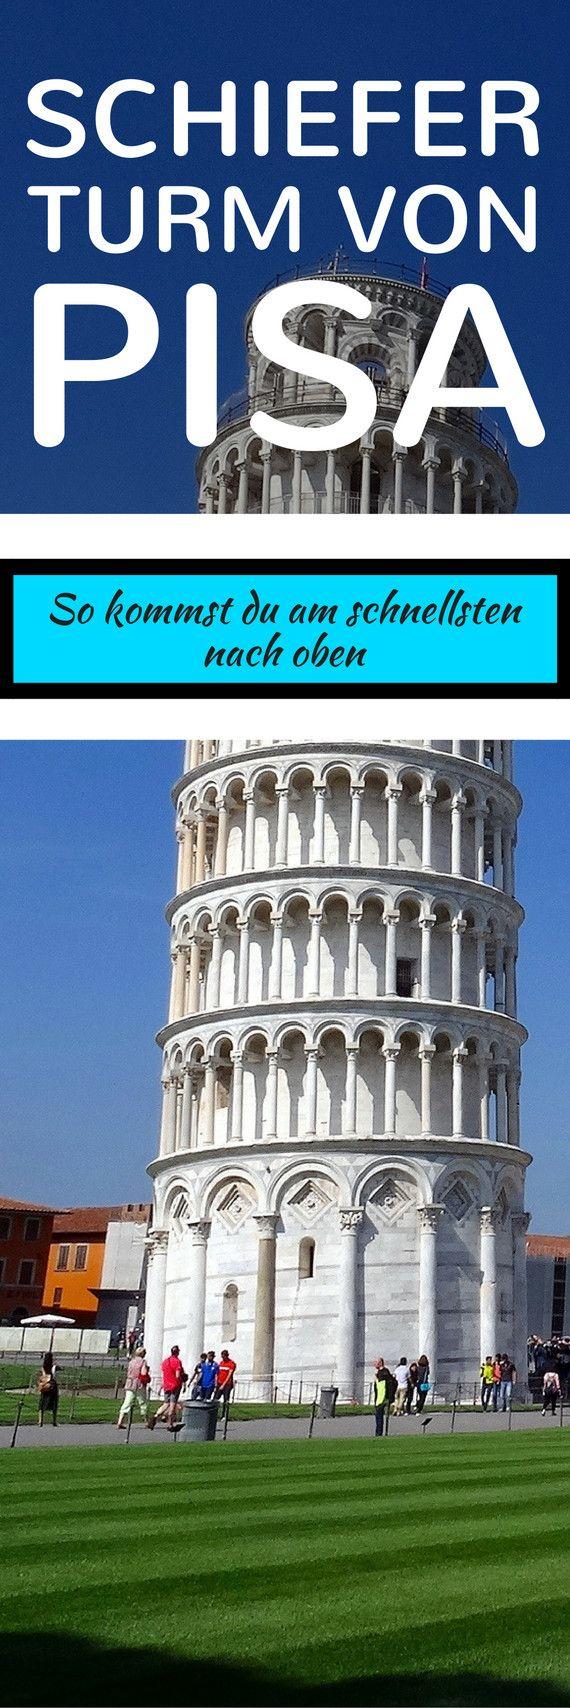 Schiefer Turm von Pisa – So kommst du am schnellsten nach oben